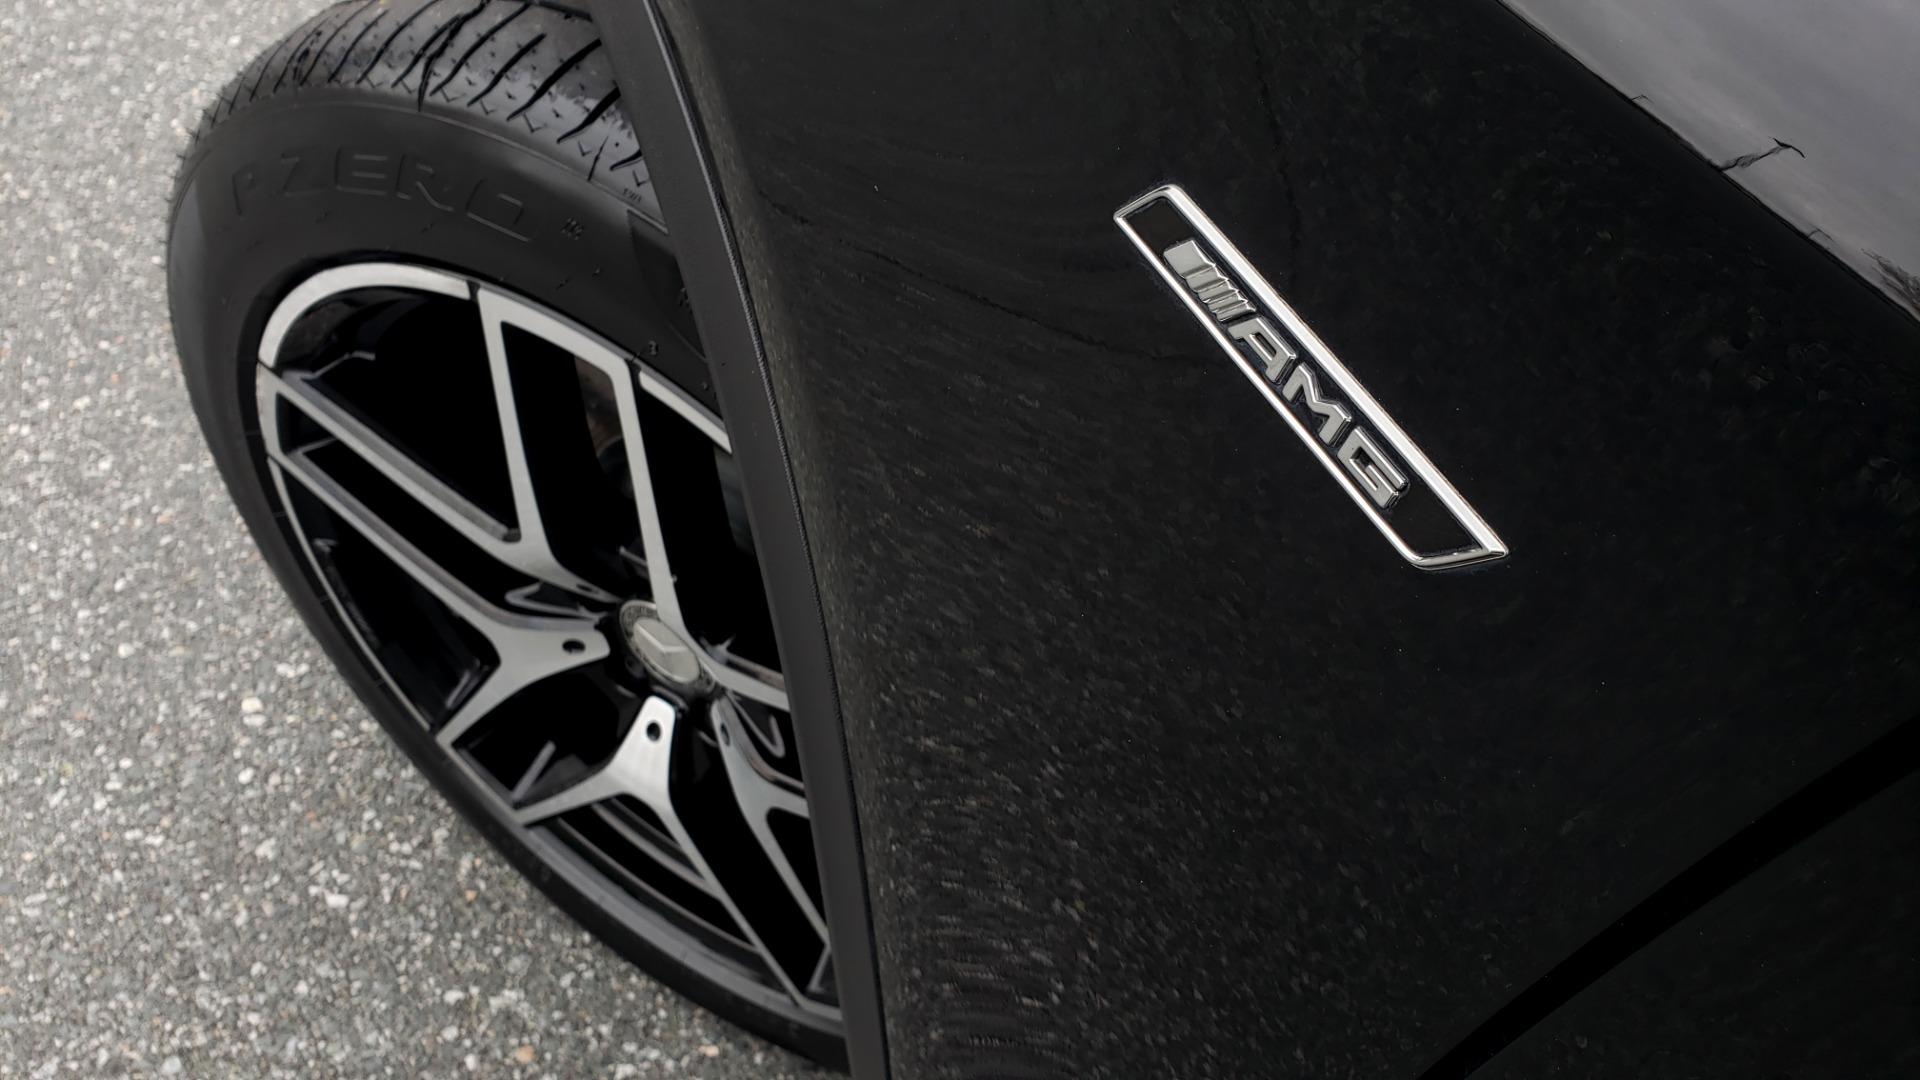 Used 2016 Mercedes-Benz GLE 450 AMG / AWD / PREM PKG / PARK ASST / DRVR ASST / SUNROOF for sale Sold at Formula Imports in Charlotte NC 28227 10